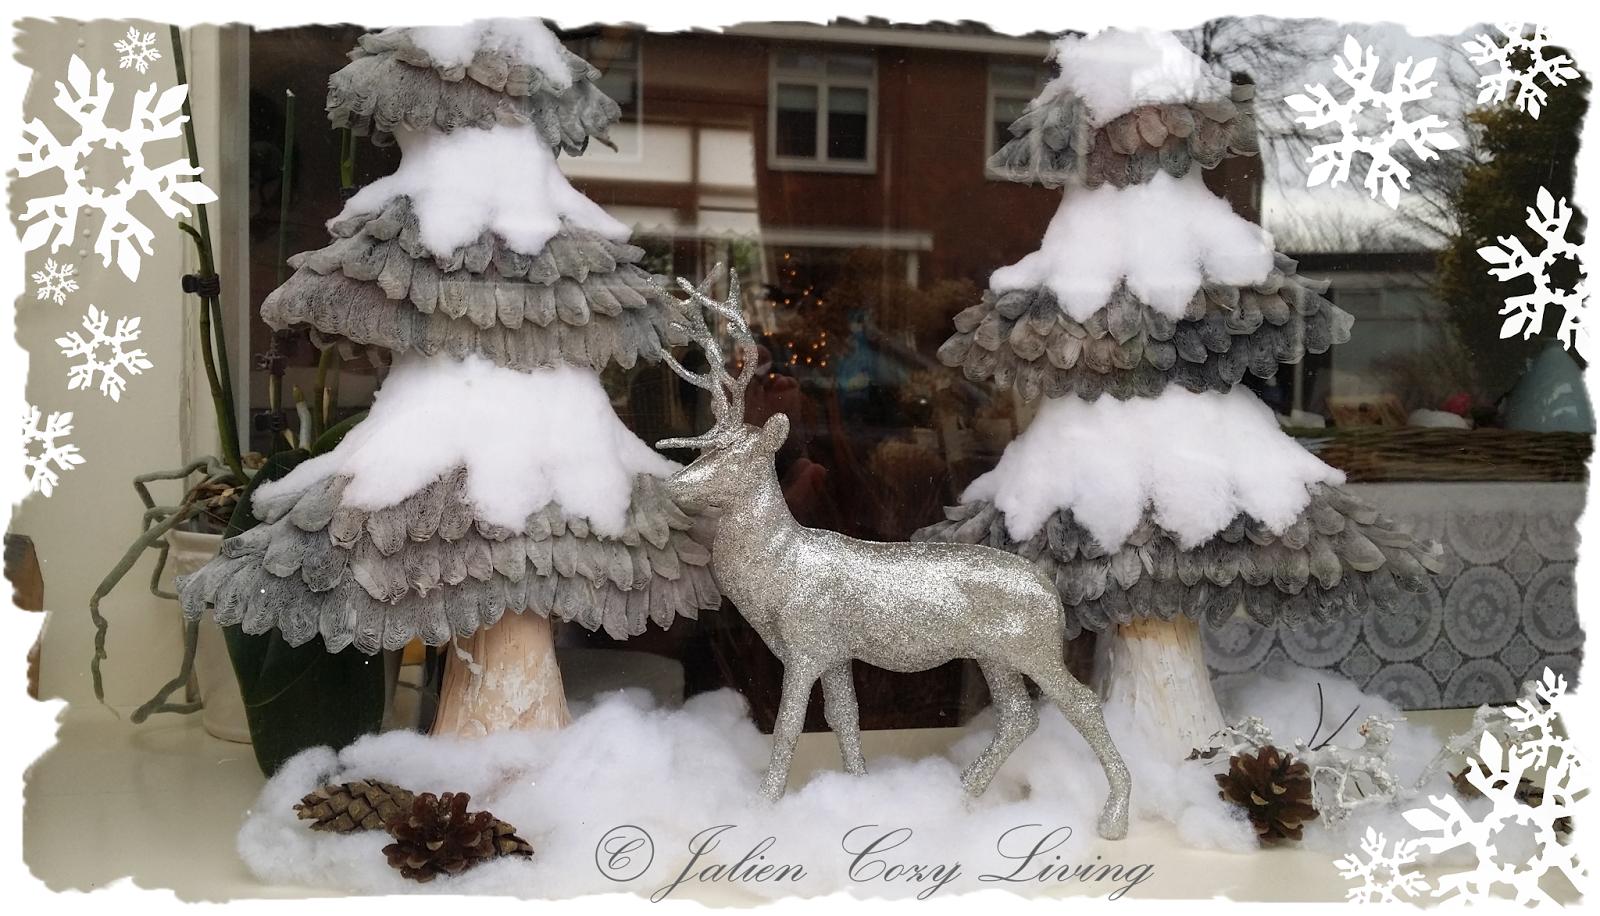 Jalien cozy living kerstmis in huis christmas in the house for Kerst ideeen voor in huis